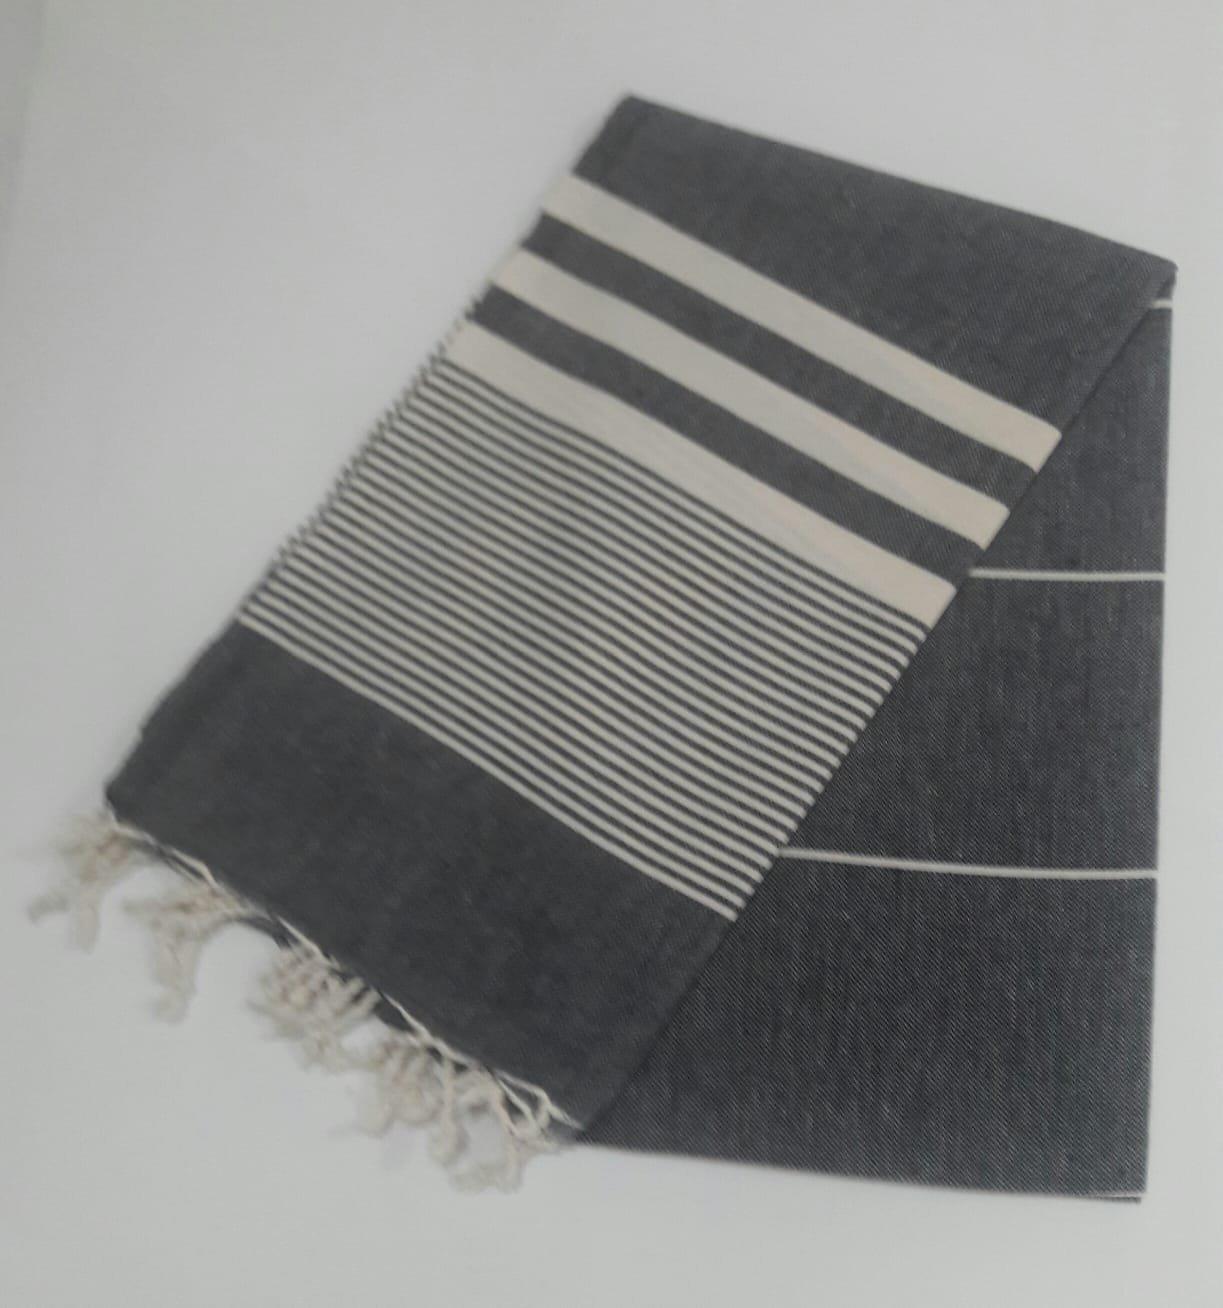 Paramus Turkish Cotton Bath Beach Spa Hammam Yoga Gym Yacht Hamam Towel Wrap Pareo Fouta Throw Peshtemal Pestemal Sheet Blanket (Black, 1)